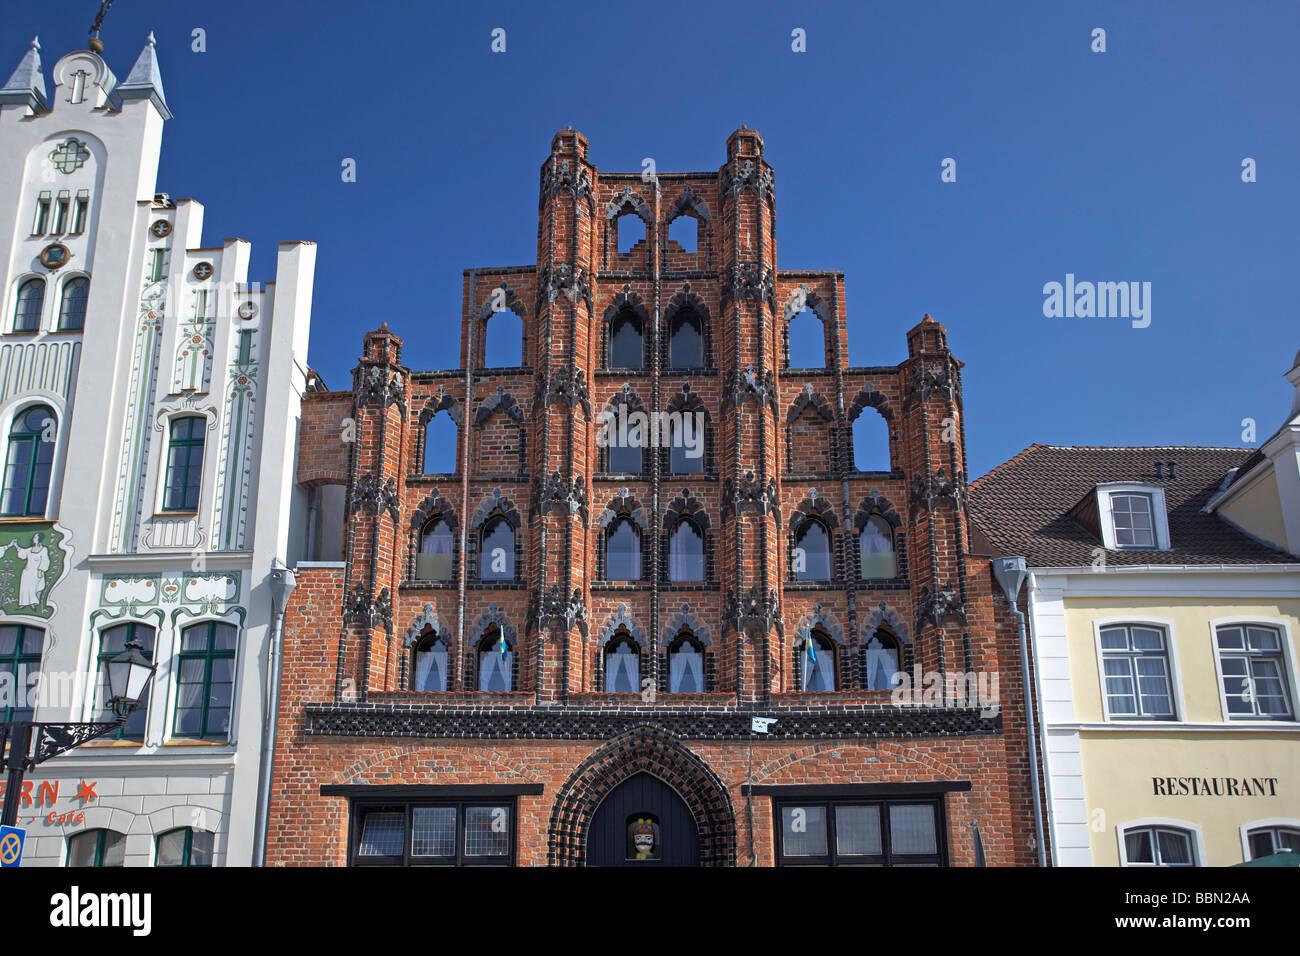 Alter Schwede, old Swede house, Wismar, Mecklenburg-Western Pomerania, Germany, Europe - Stock Image